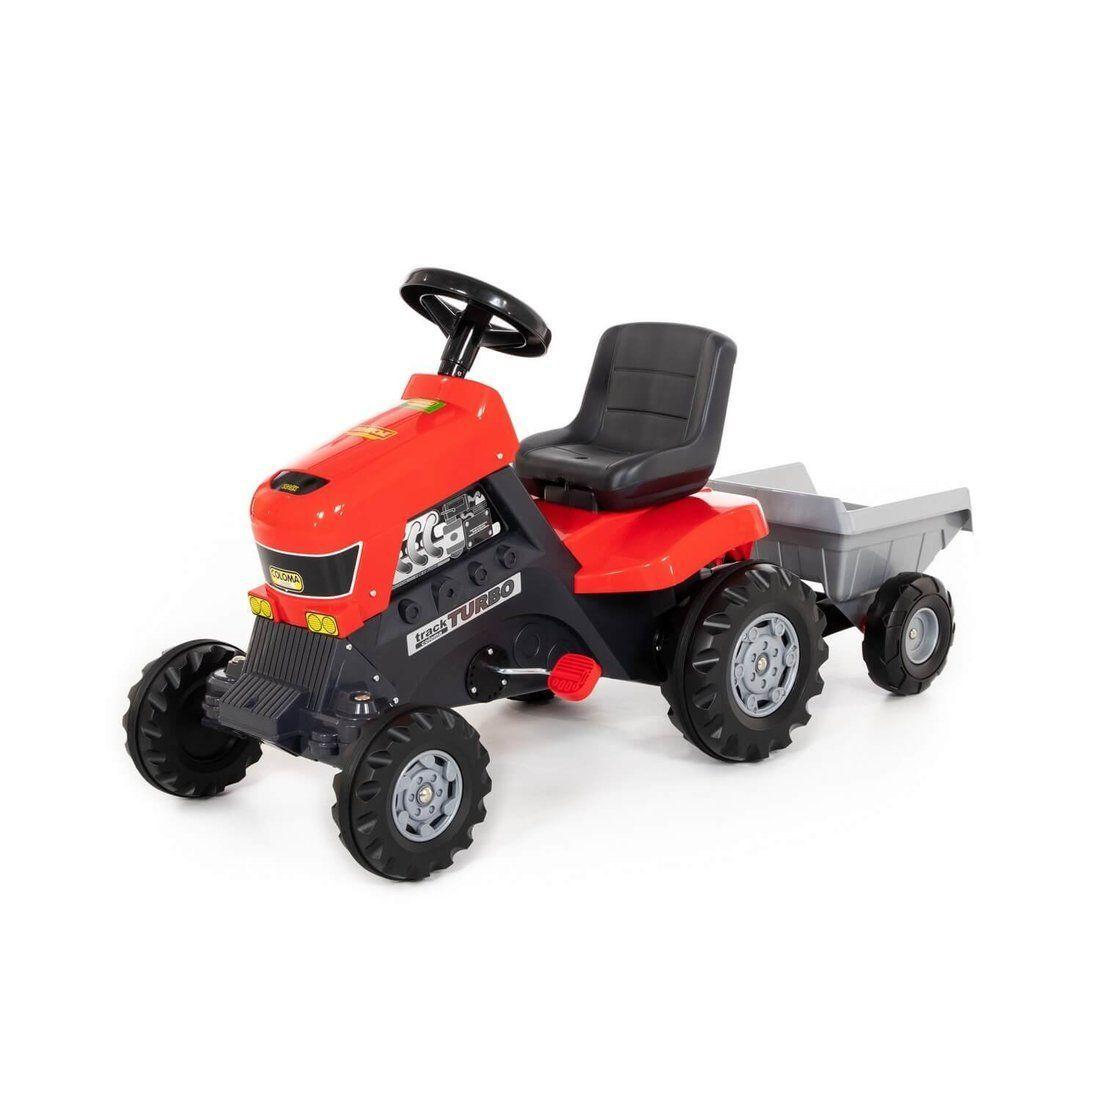 Каталка-трактор с педалями Turbo с полуприцепом